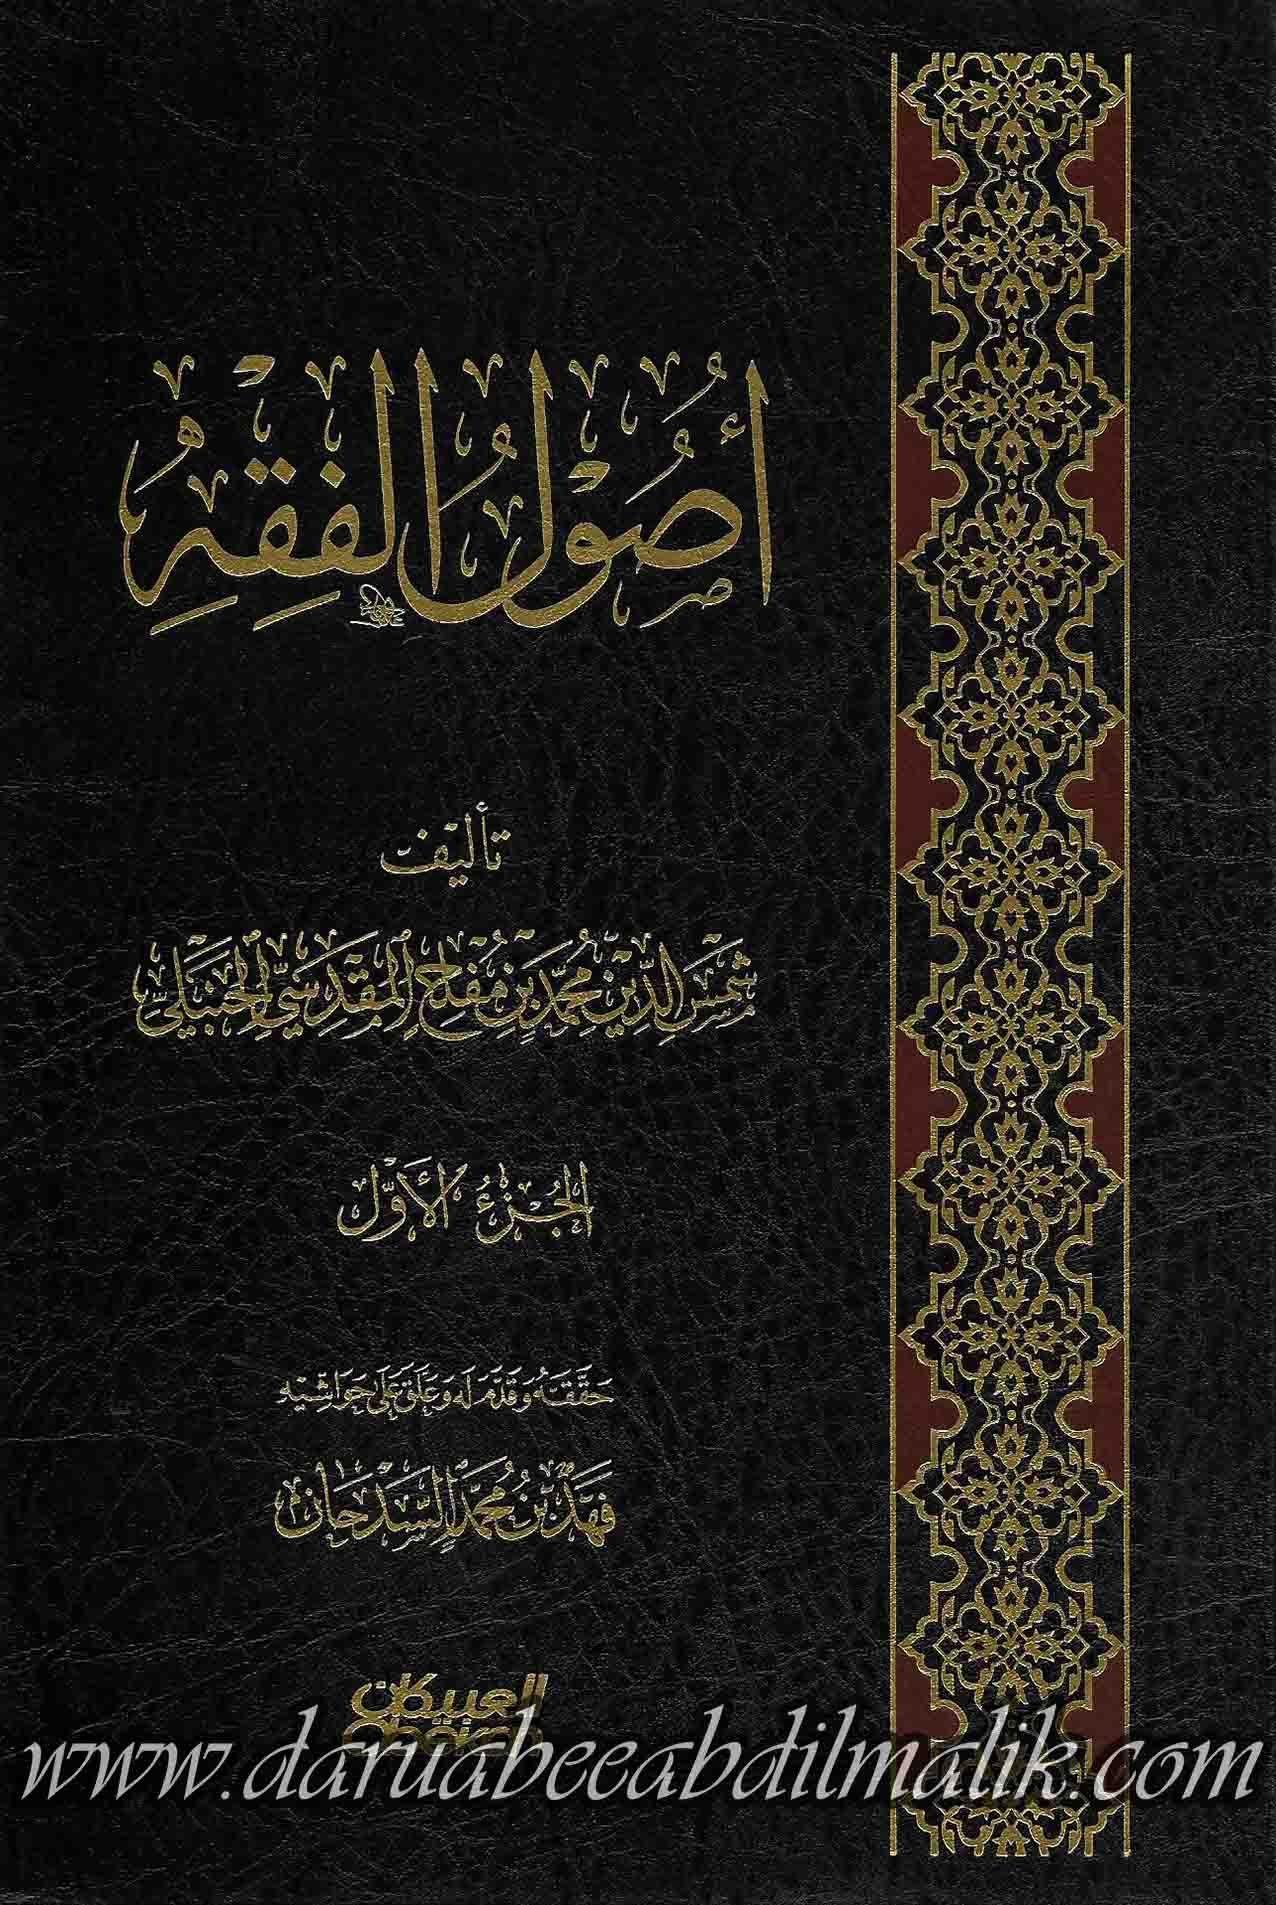 Usool Al Fiqh Li Ibn Muflih 1 4 كتاب أصول الفقه لإبن مفلح Paperback Books Writing Paperbacks